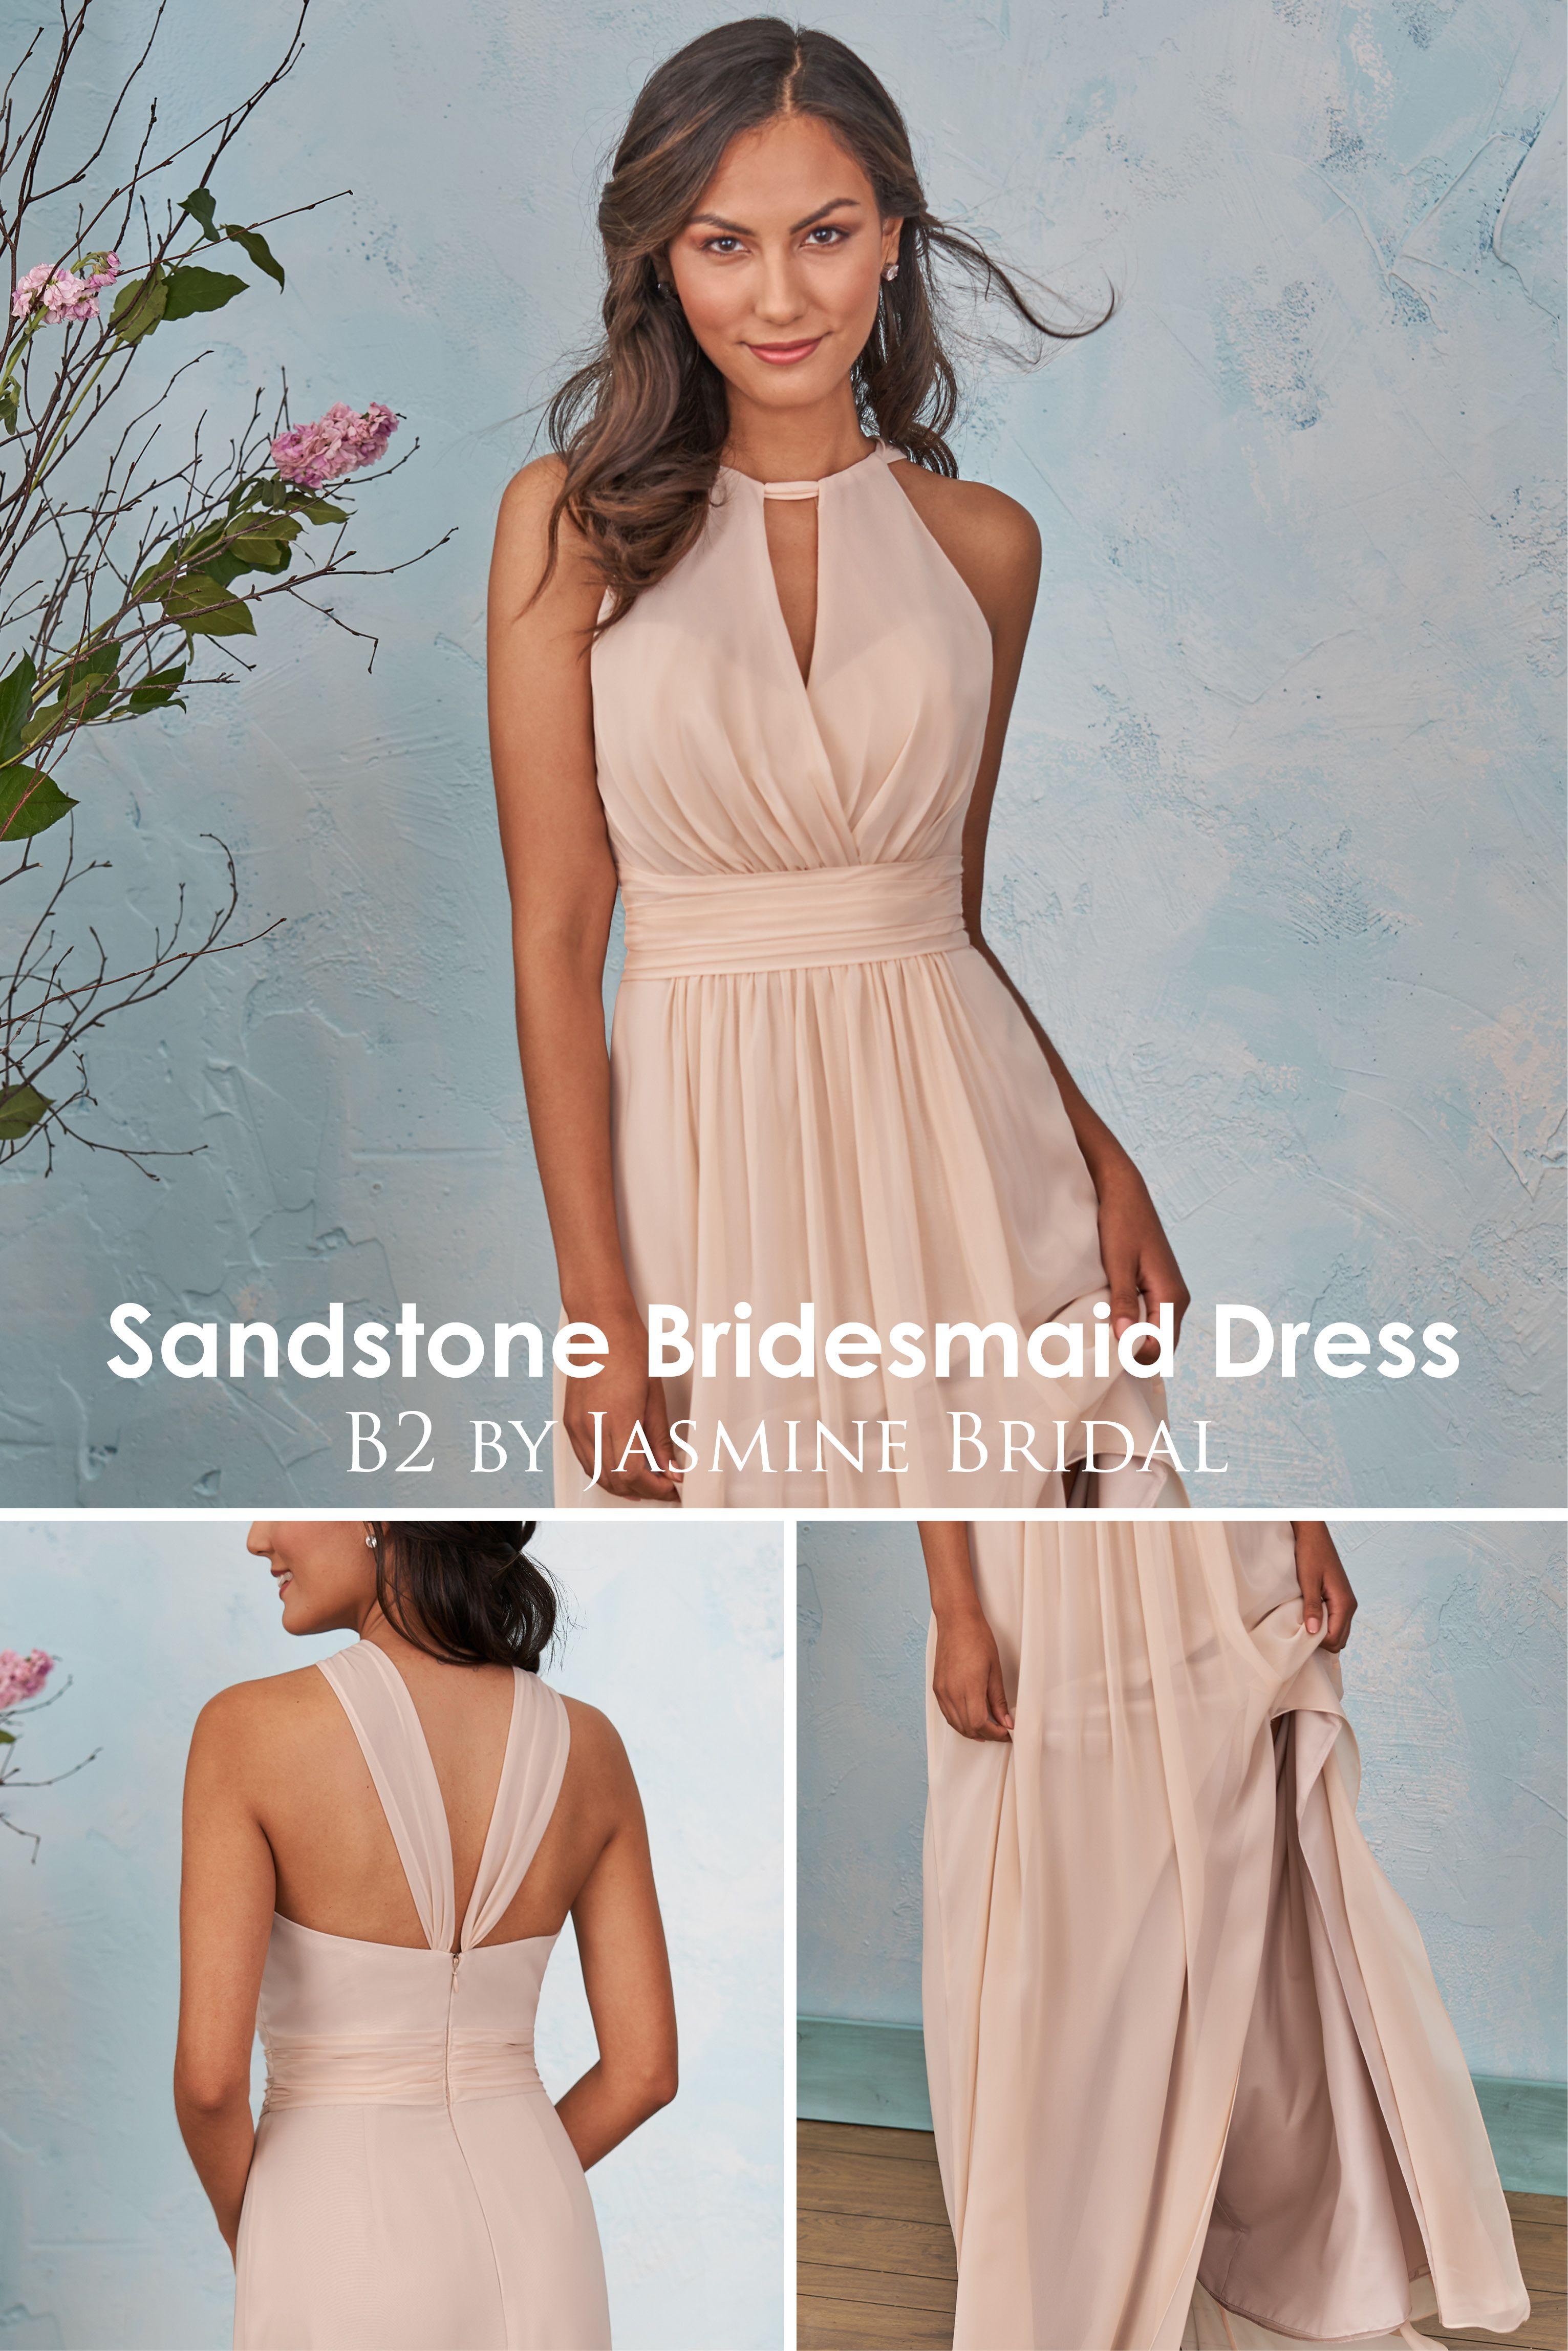 Jasmine Bridal B2 Sandstone Bridesmaid Dress Designer Bridesmaid Dresses Simple Jasmine Bridesmaids Dresses Bridesmaid Dresses Neutral Bridesmaid Dresses